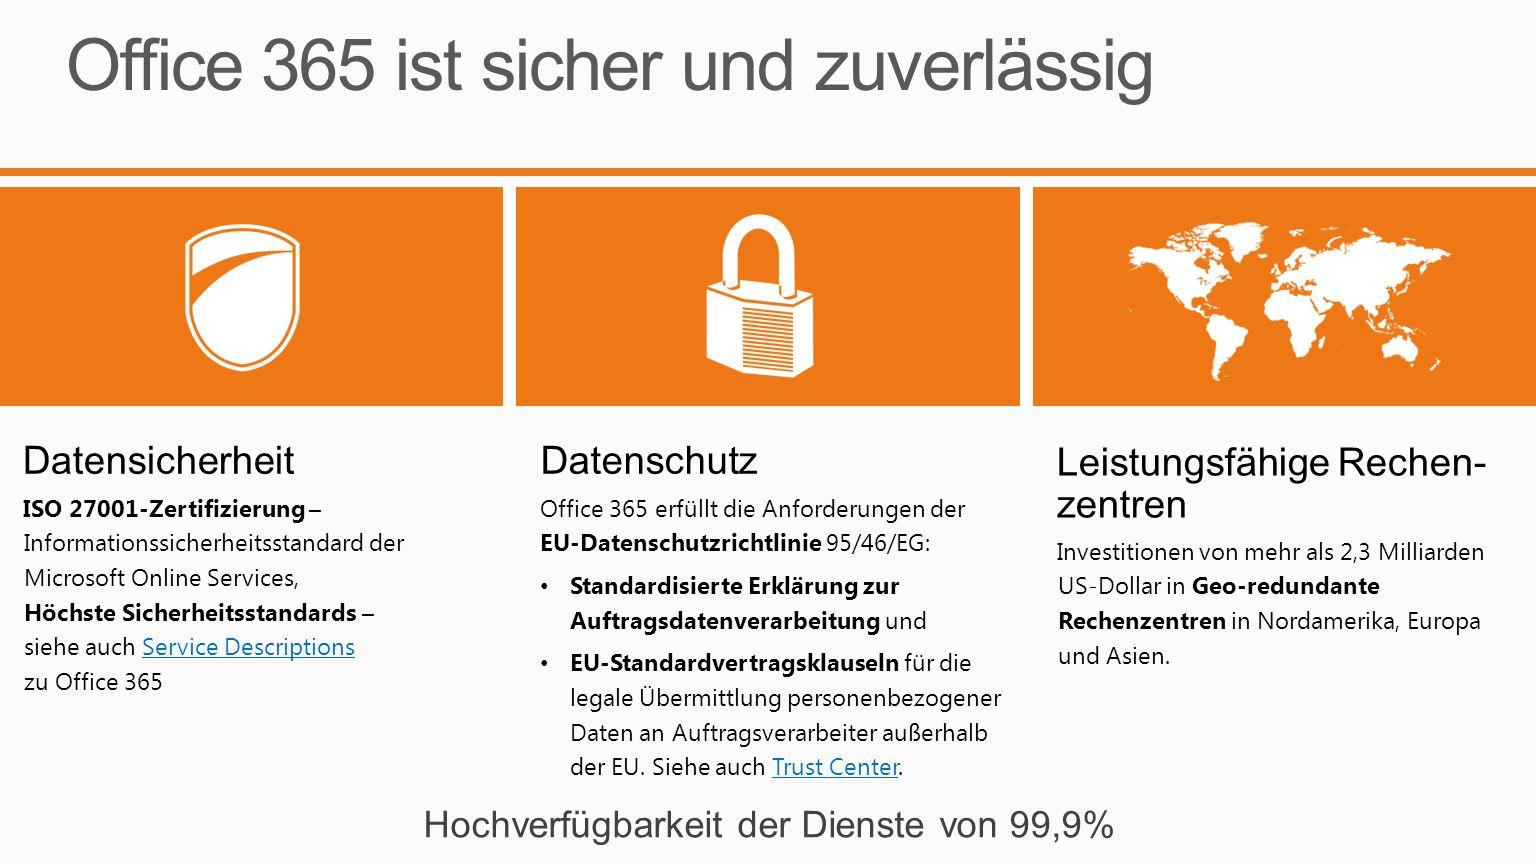 Office 365 ist sicher und zuverlässig